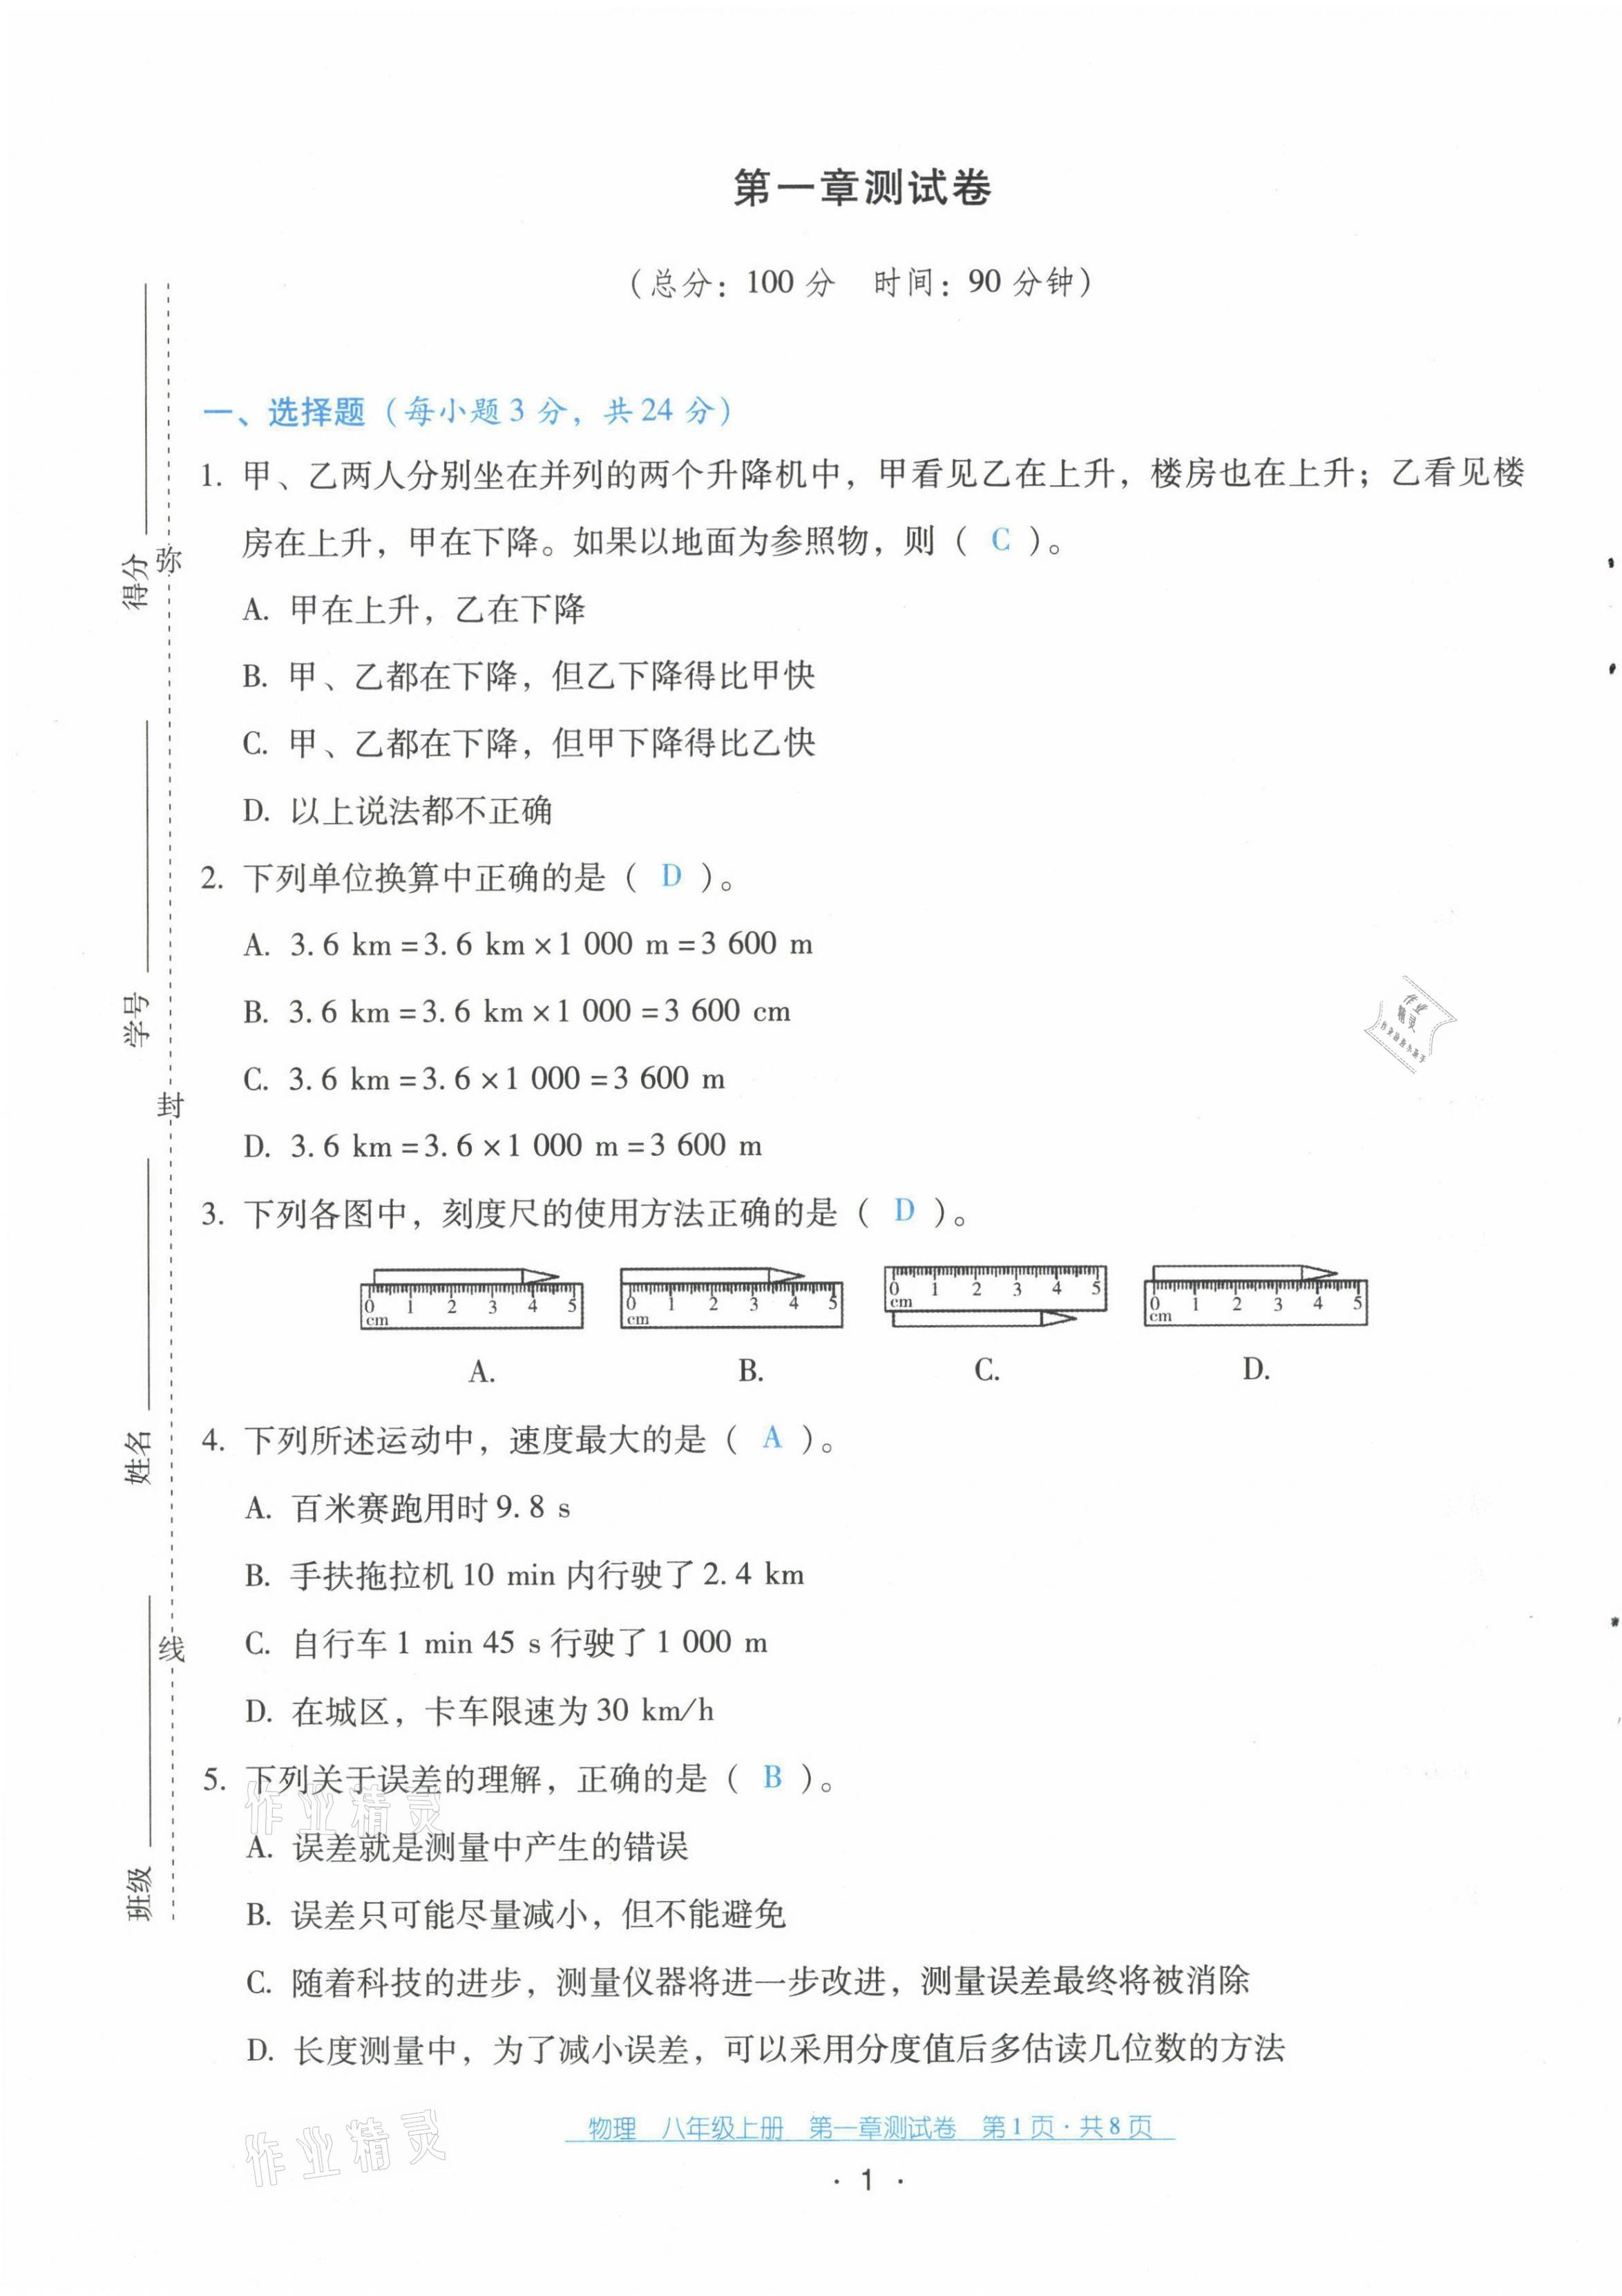 2021年云南省标准教辅优佳学案配套测试卷八年级物理上册人教版第1页